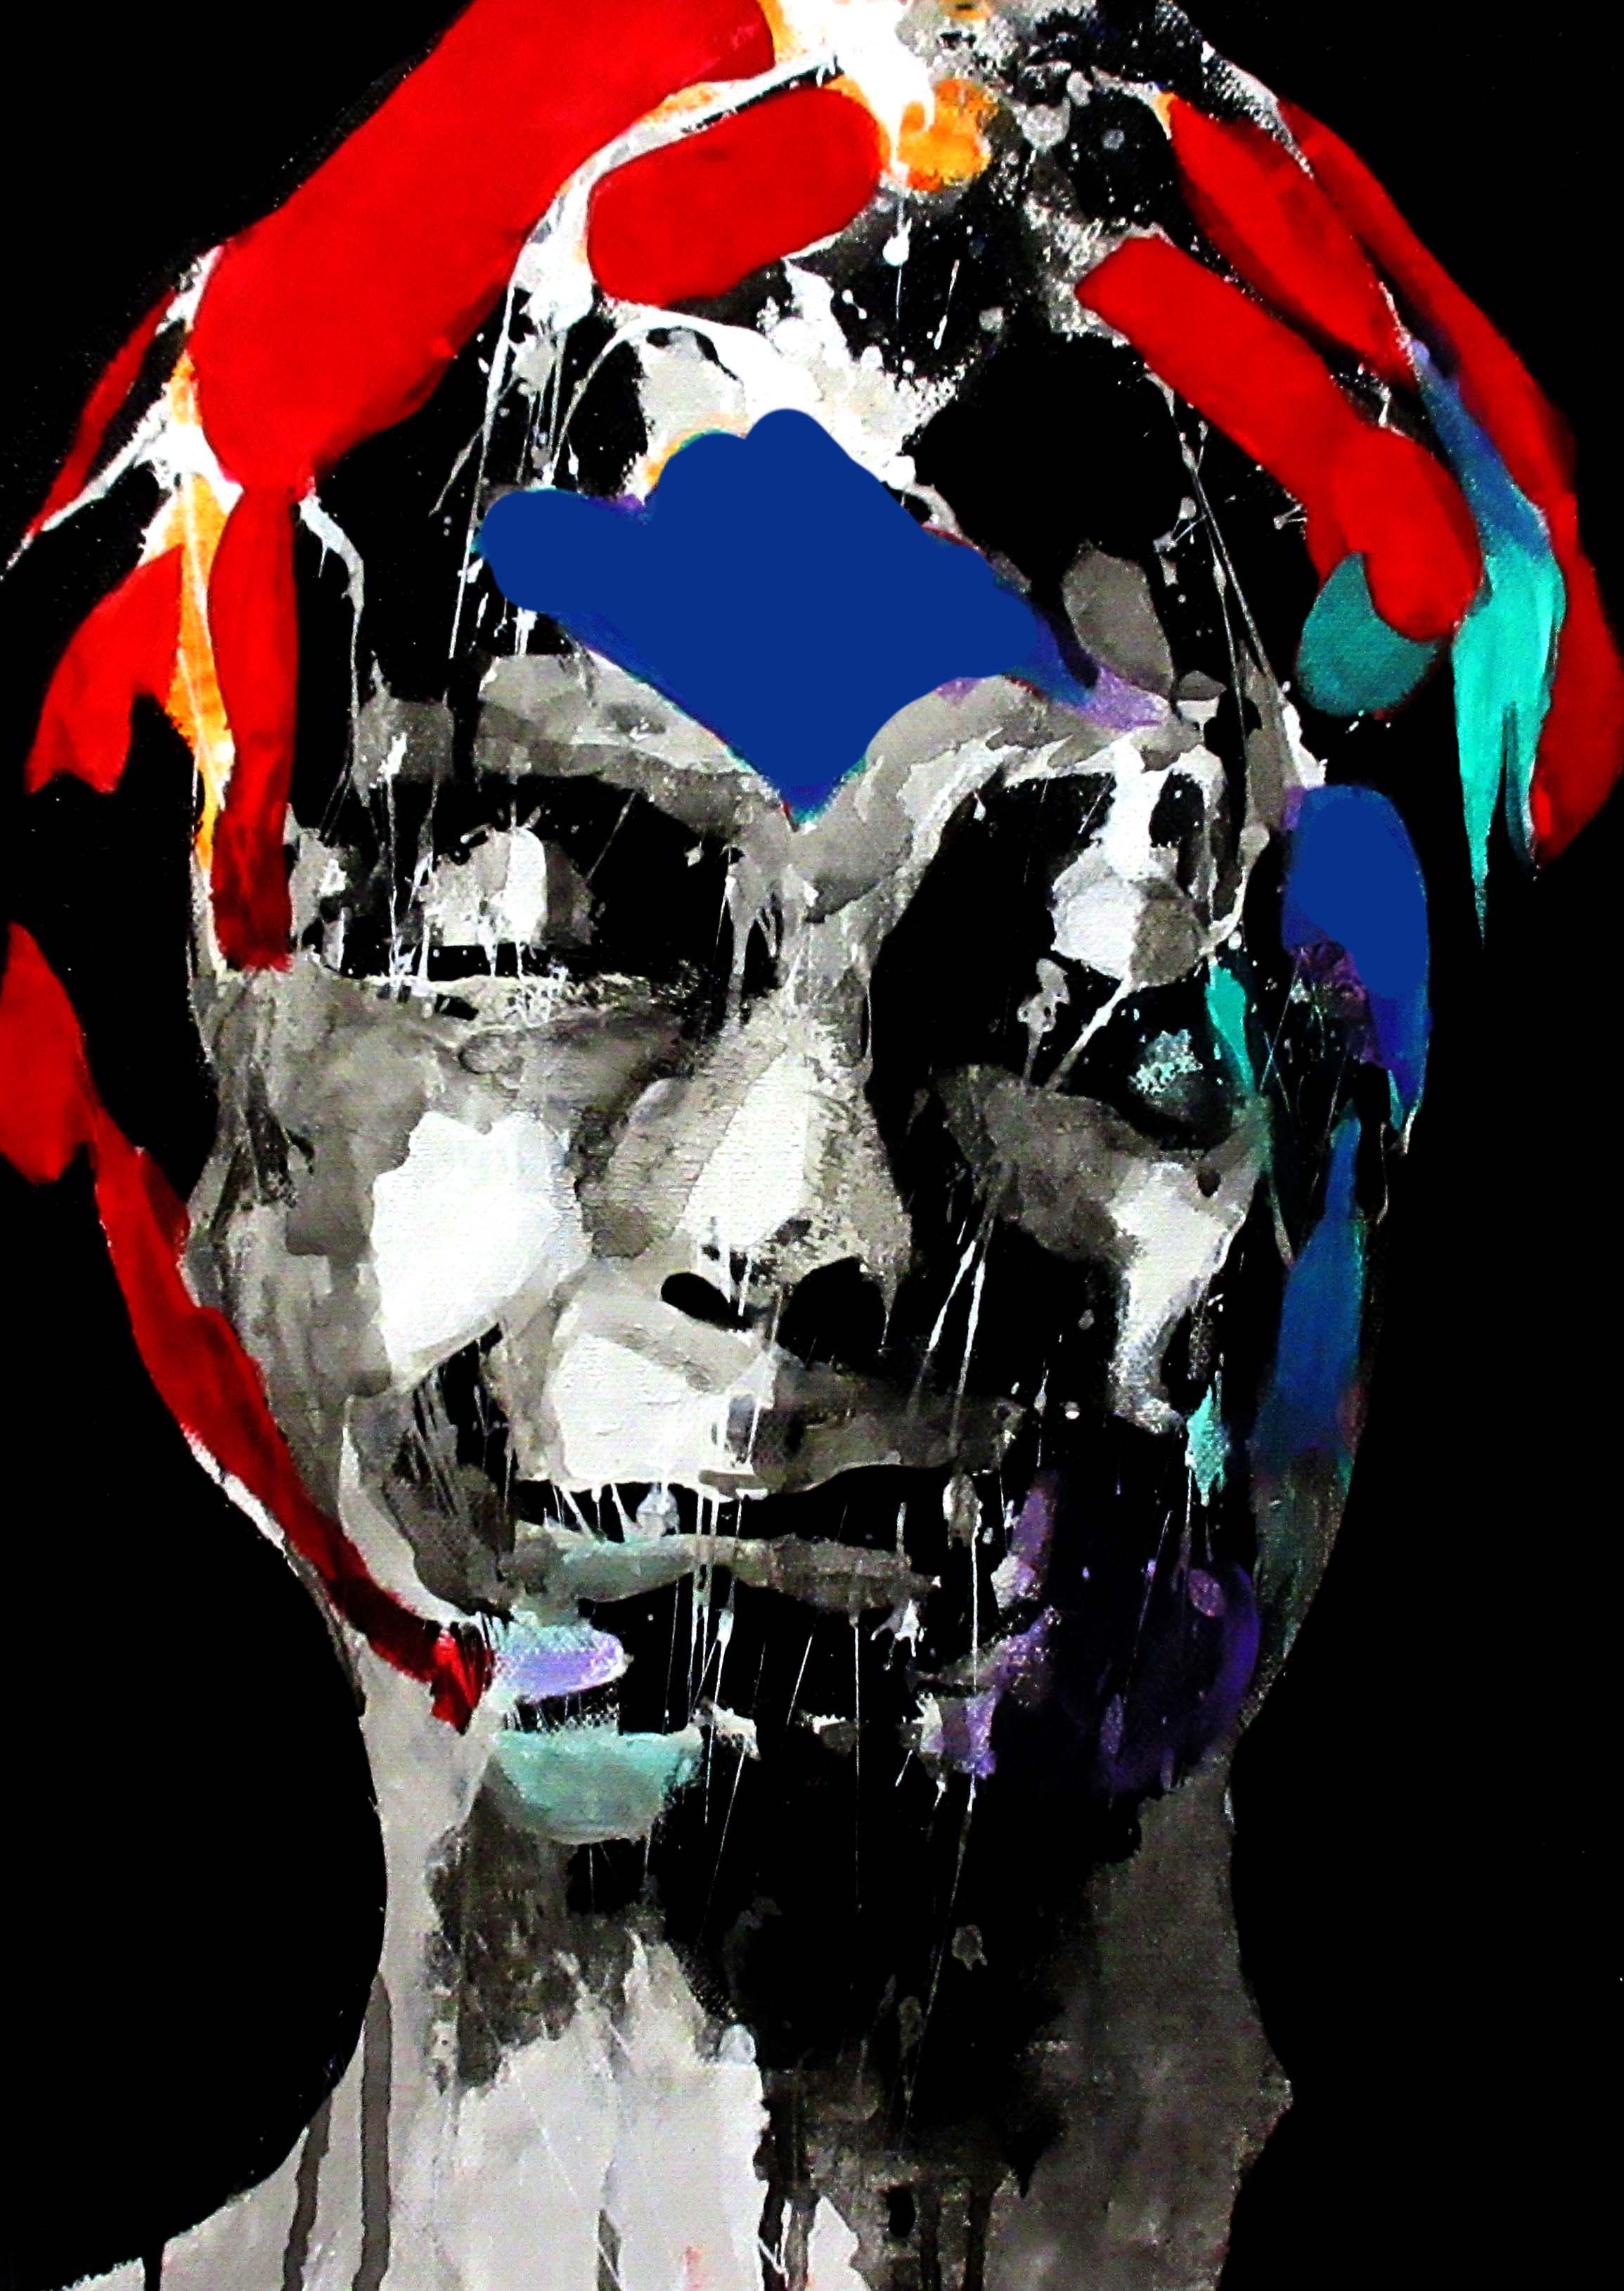 Il peint avec sa tête, 2018 | Mixed media on canvas | 40 x 25 cm | £220